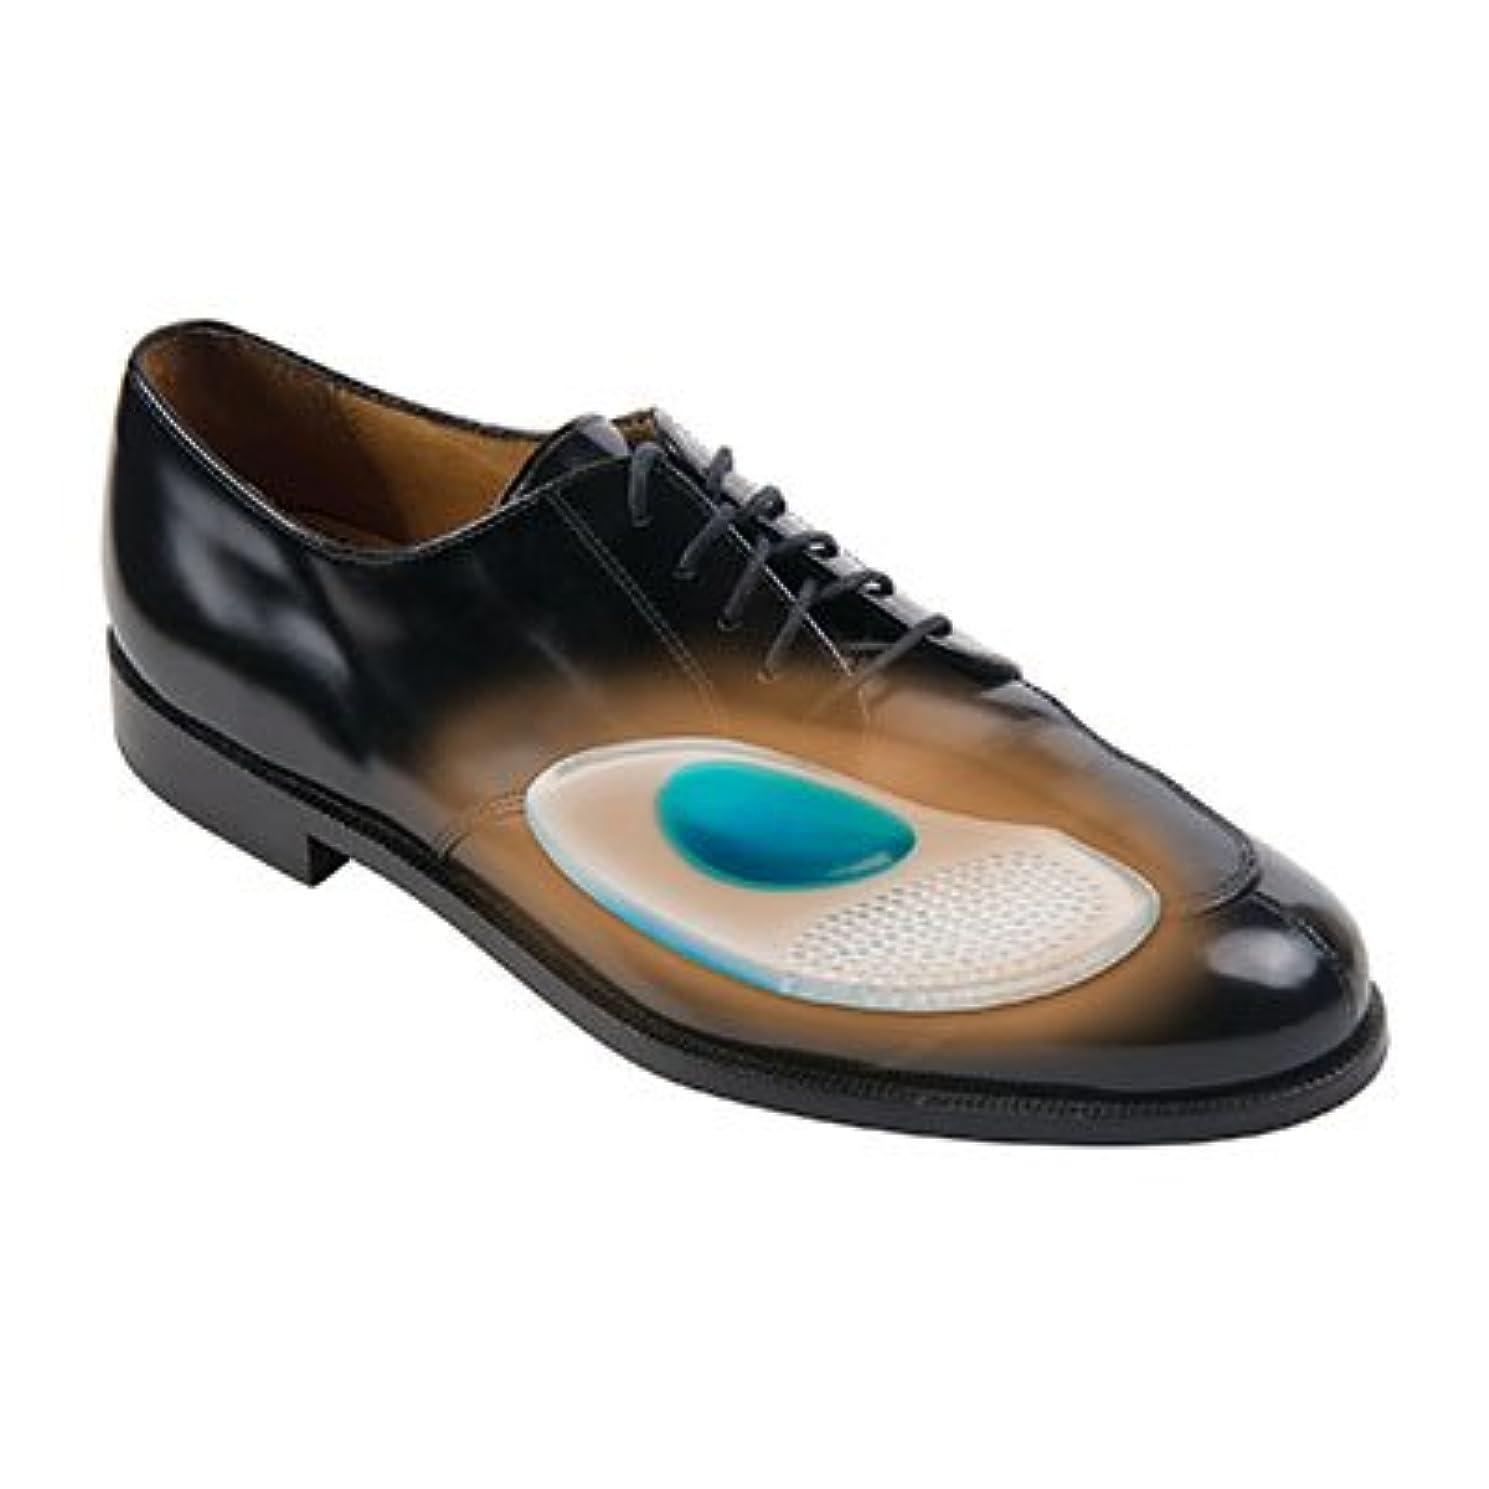 相対性理論環境に優しいさせる足裏保護粘着パッド(P8208)(フリーサイズ)